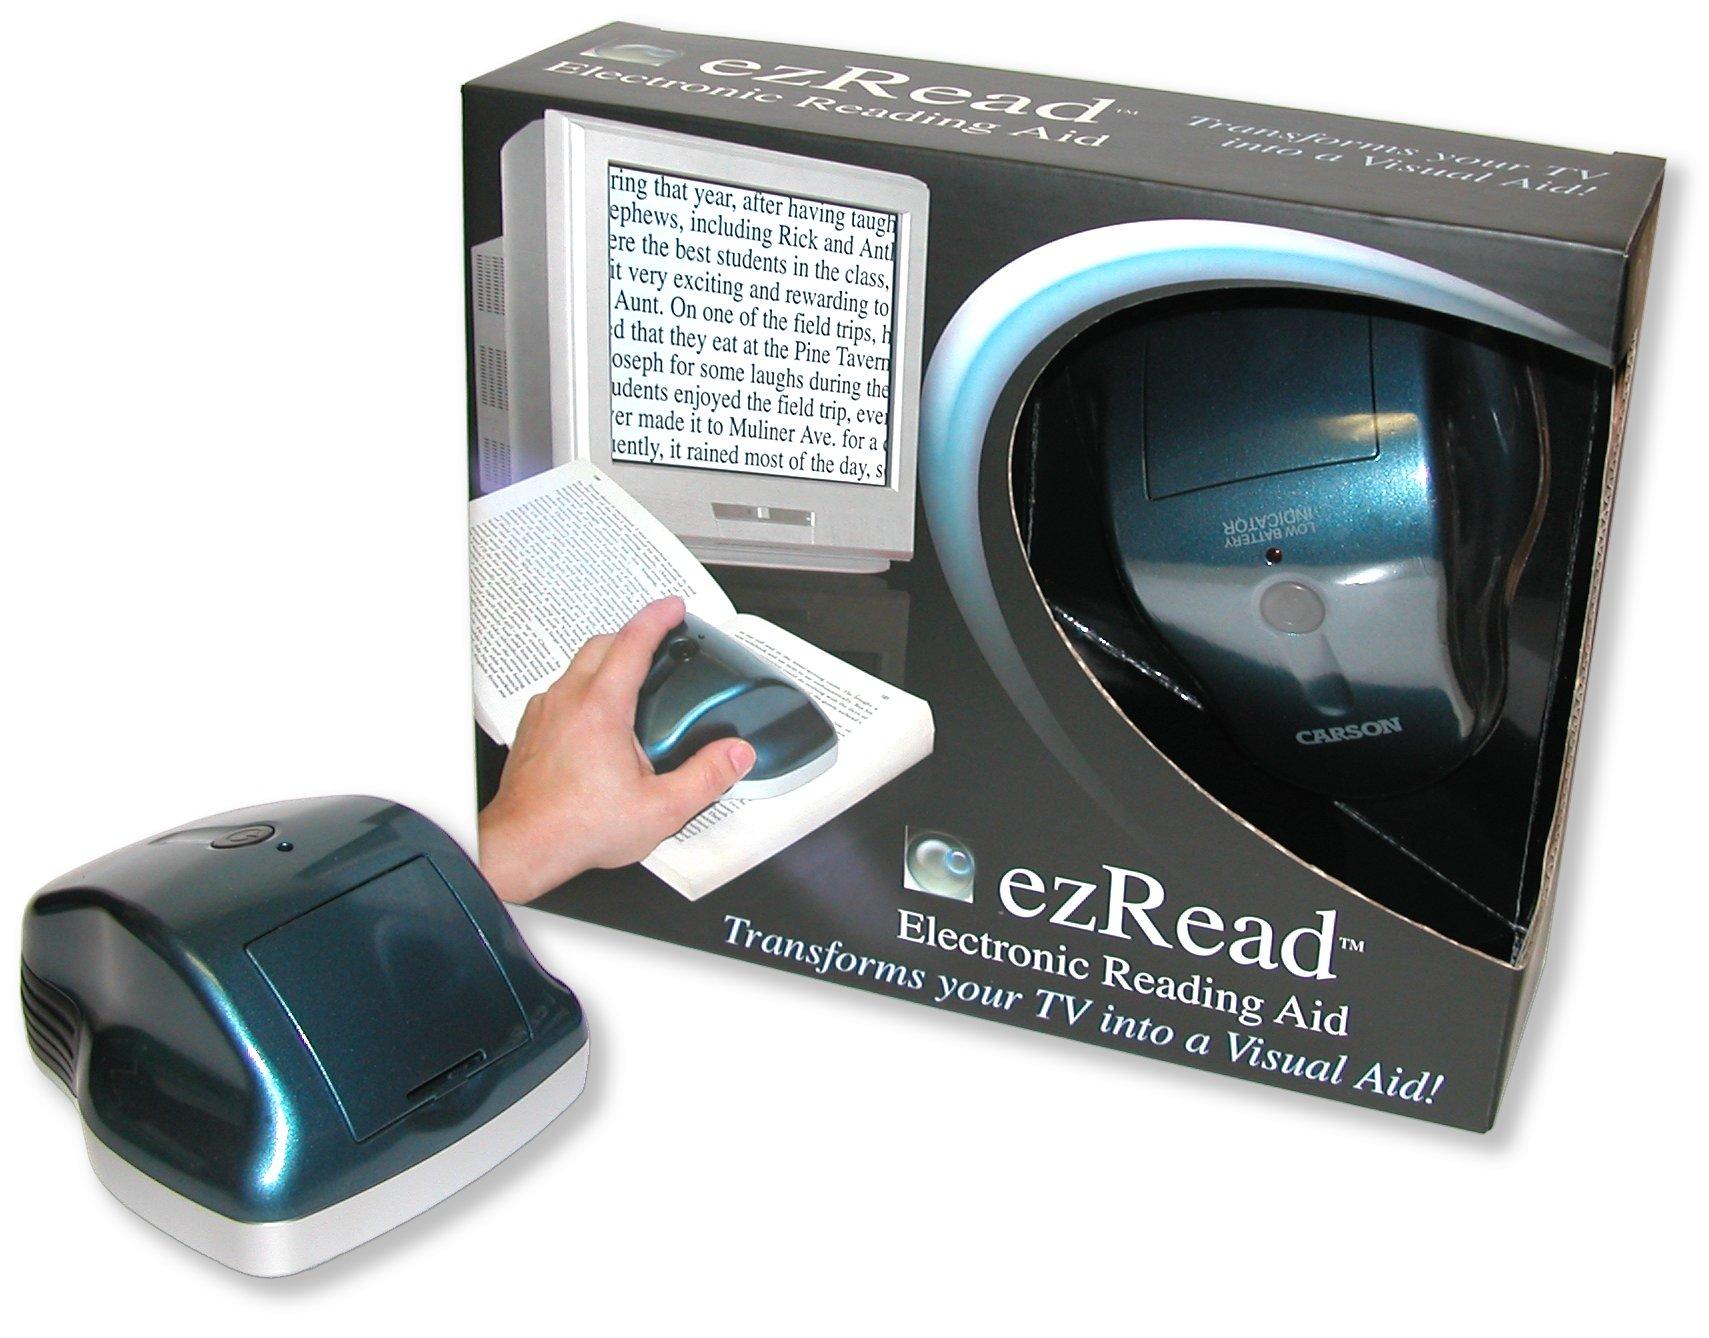 Carson ezRead Visual Aide Magnifier (DR-200)